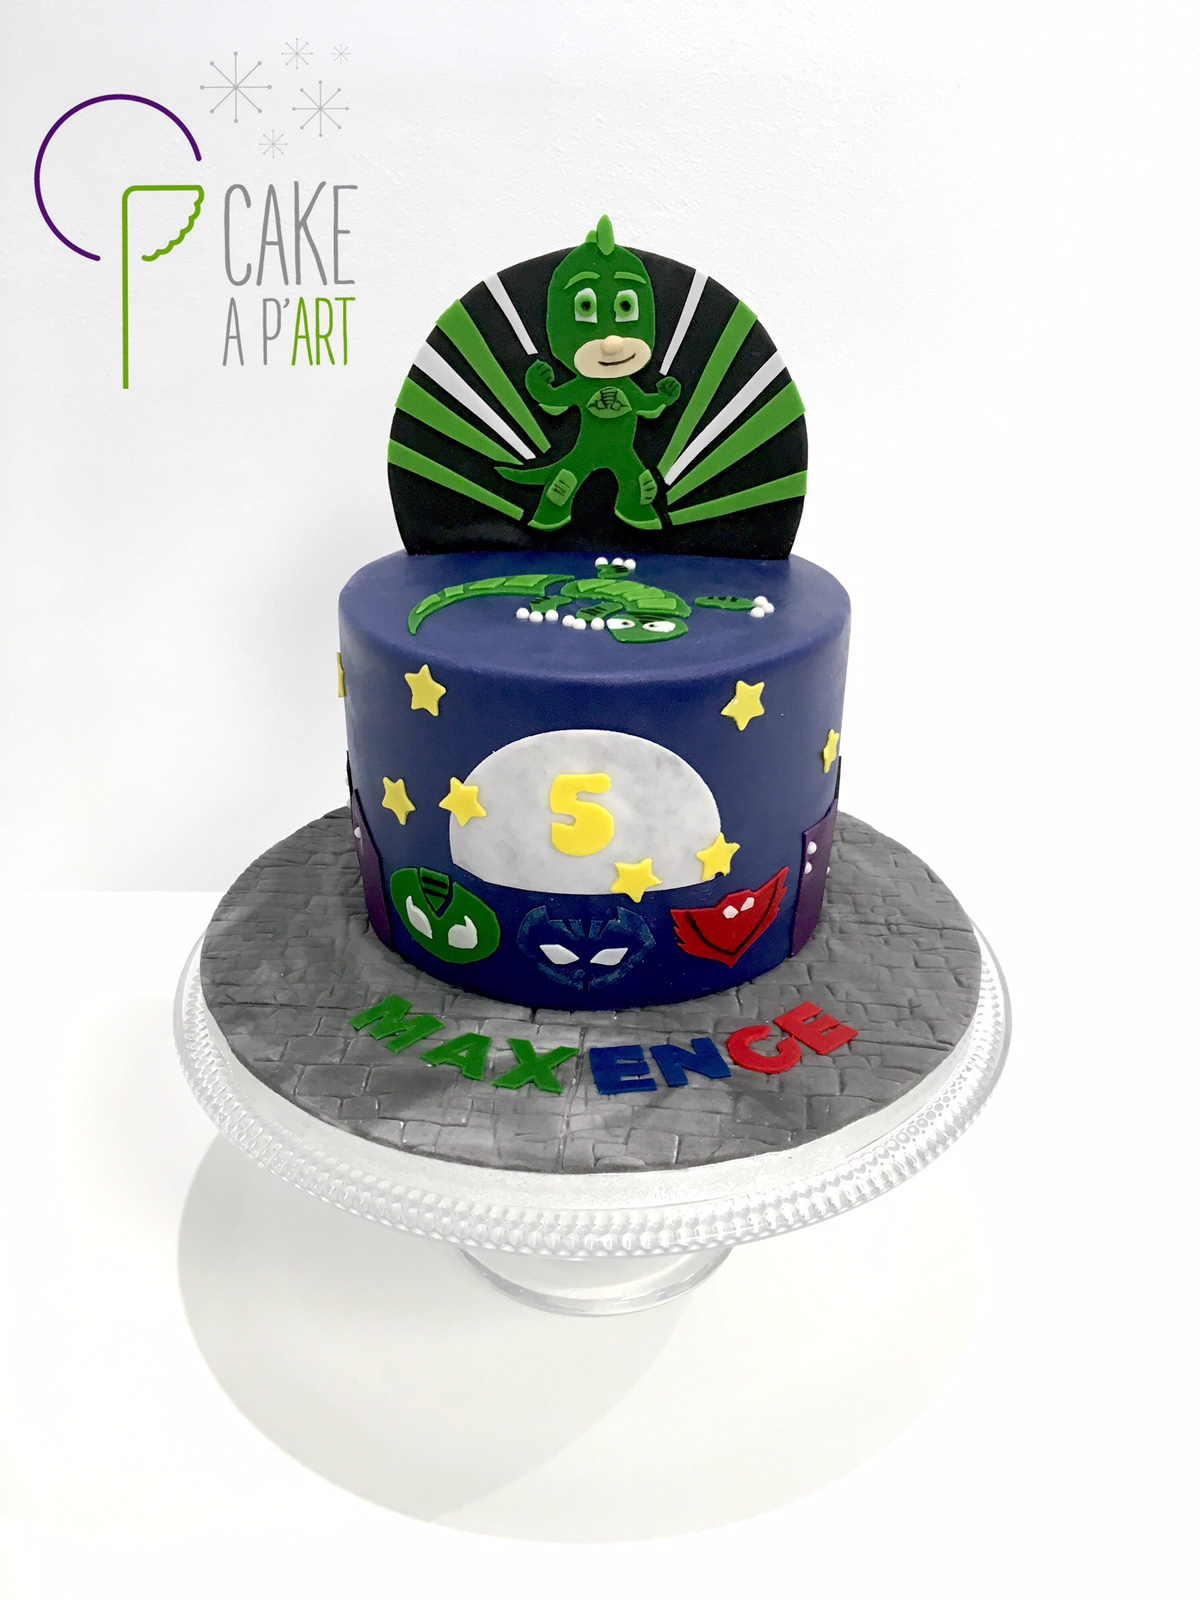 Gâteau Anniversaire Pjmask Cakeapart